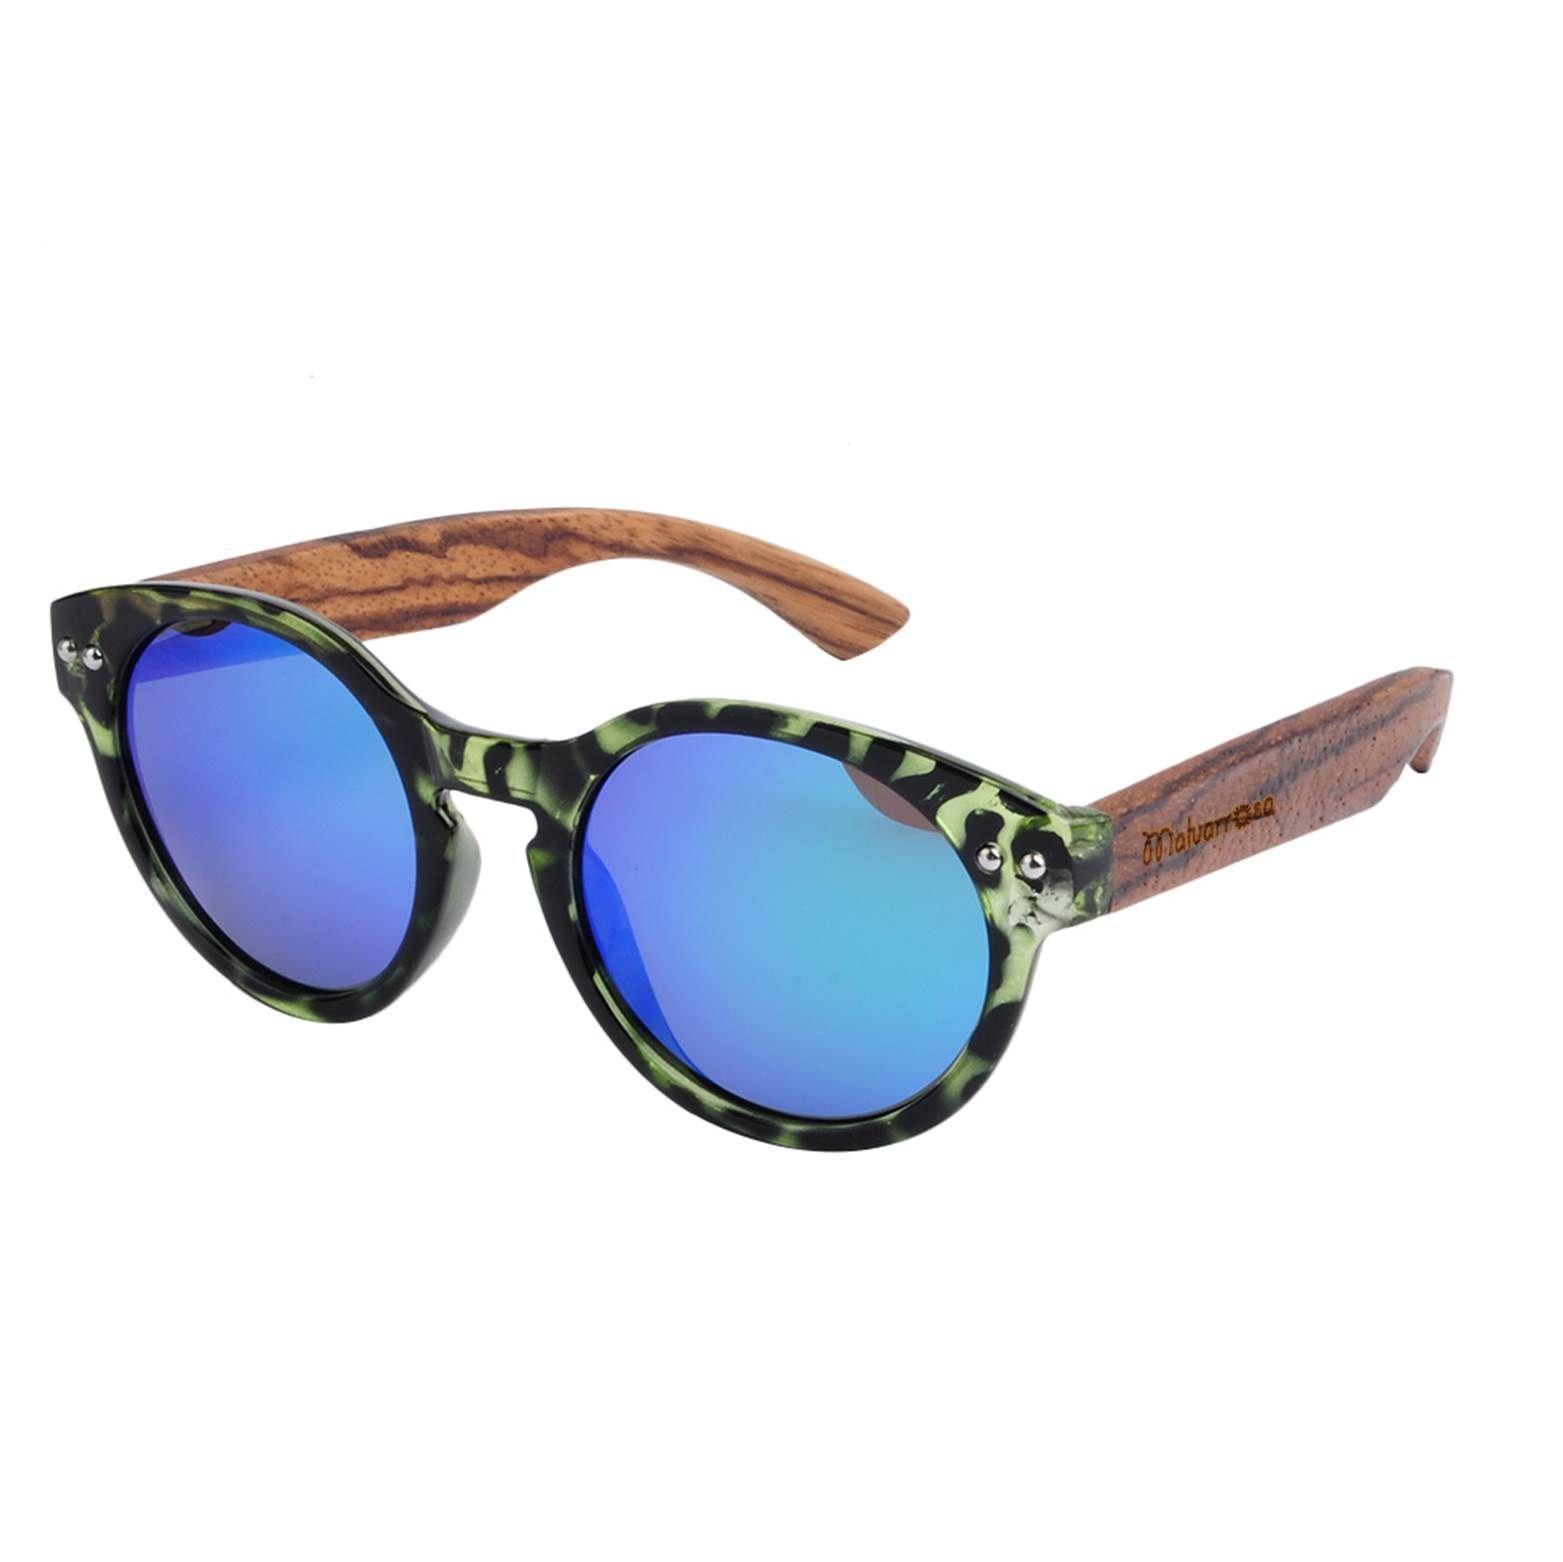 f793d8f353a75 Comprar Gafas de sol polarizadas Malvarrosa Santa pola Green ...